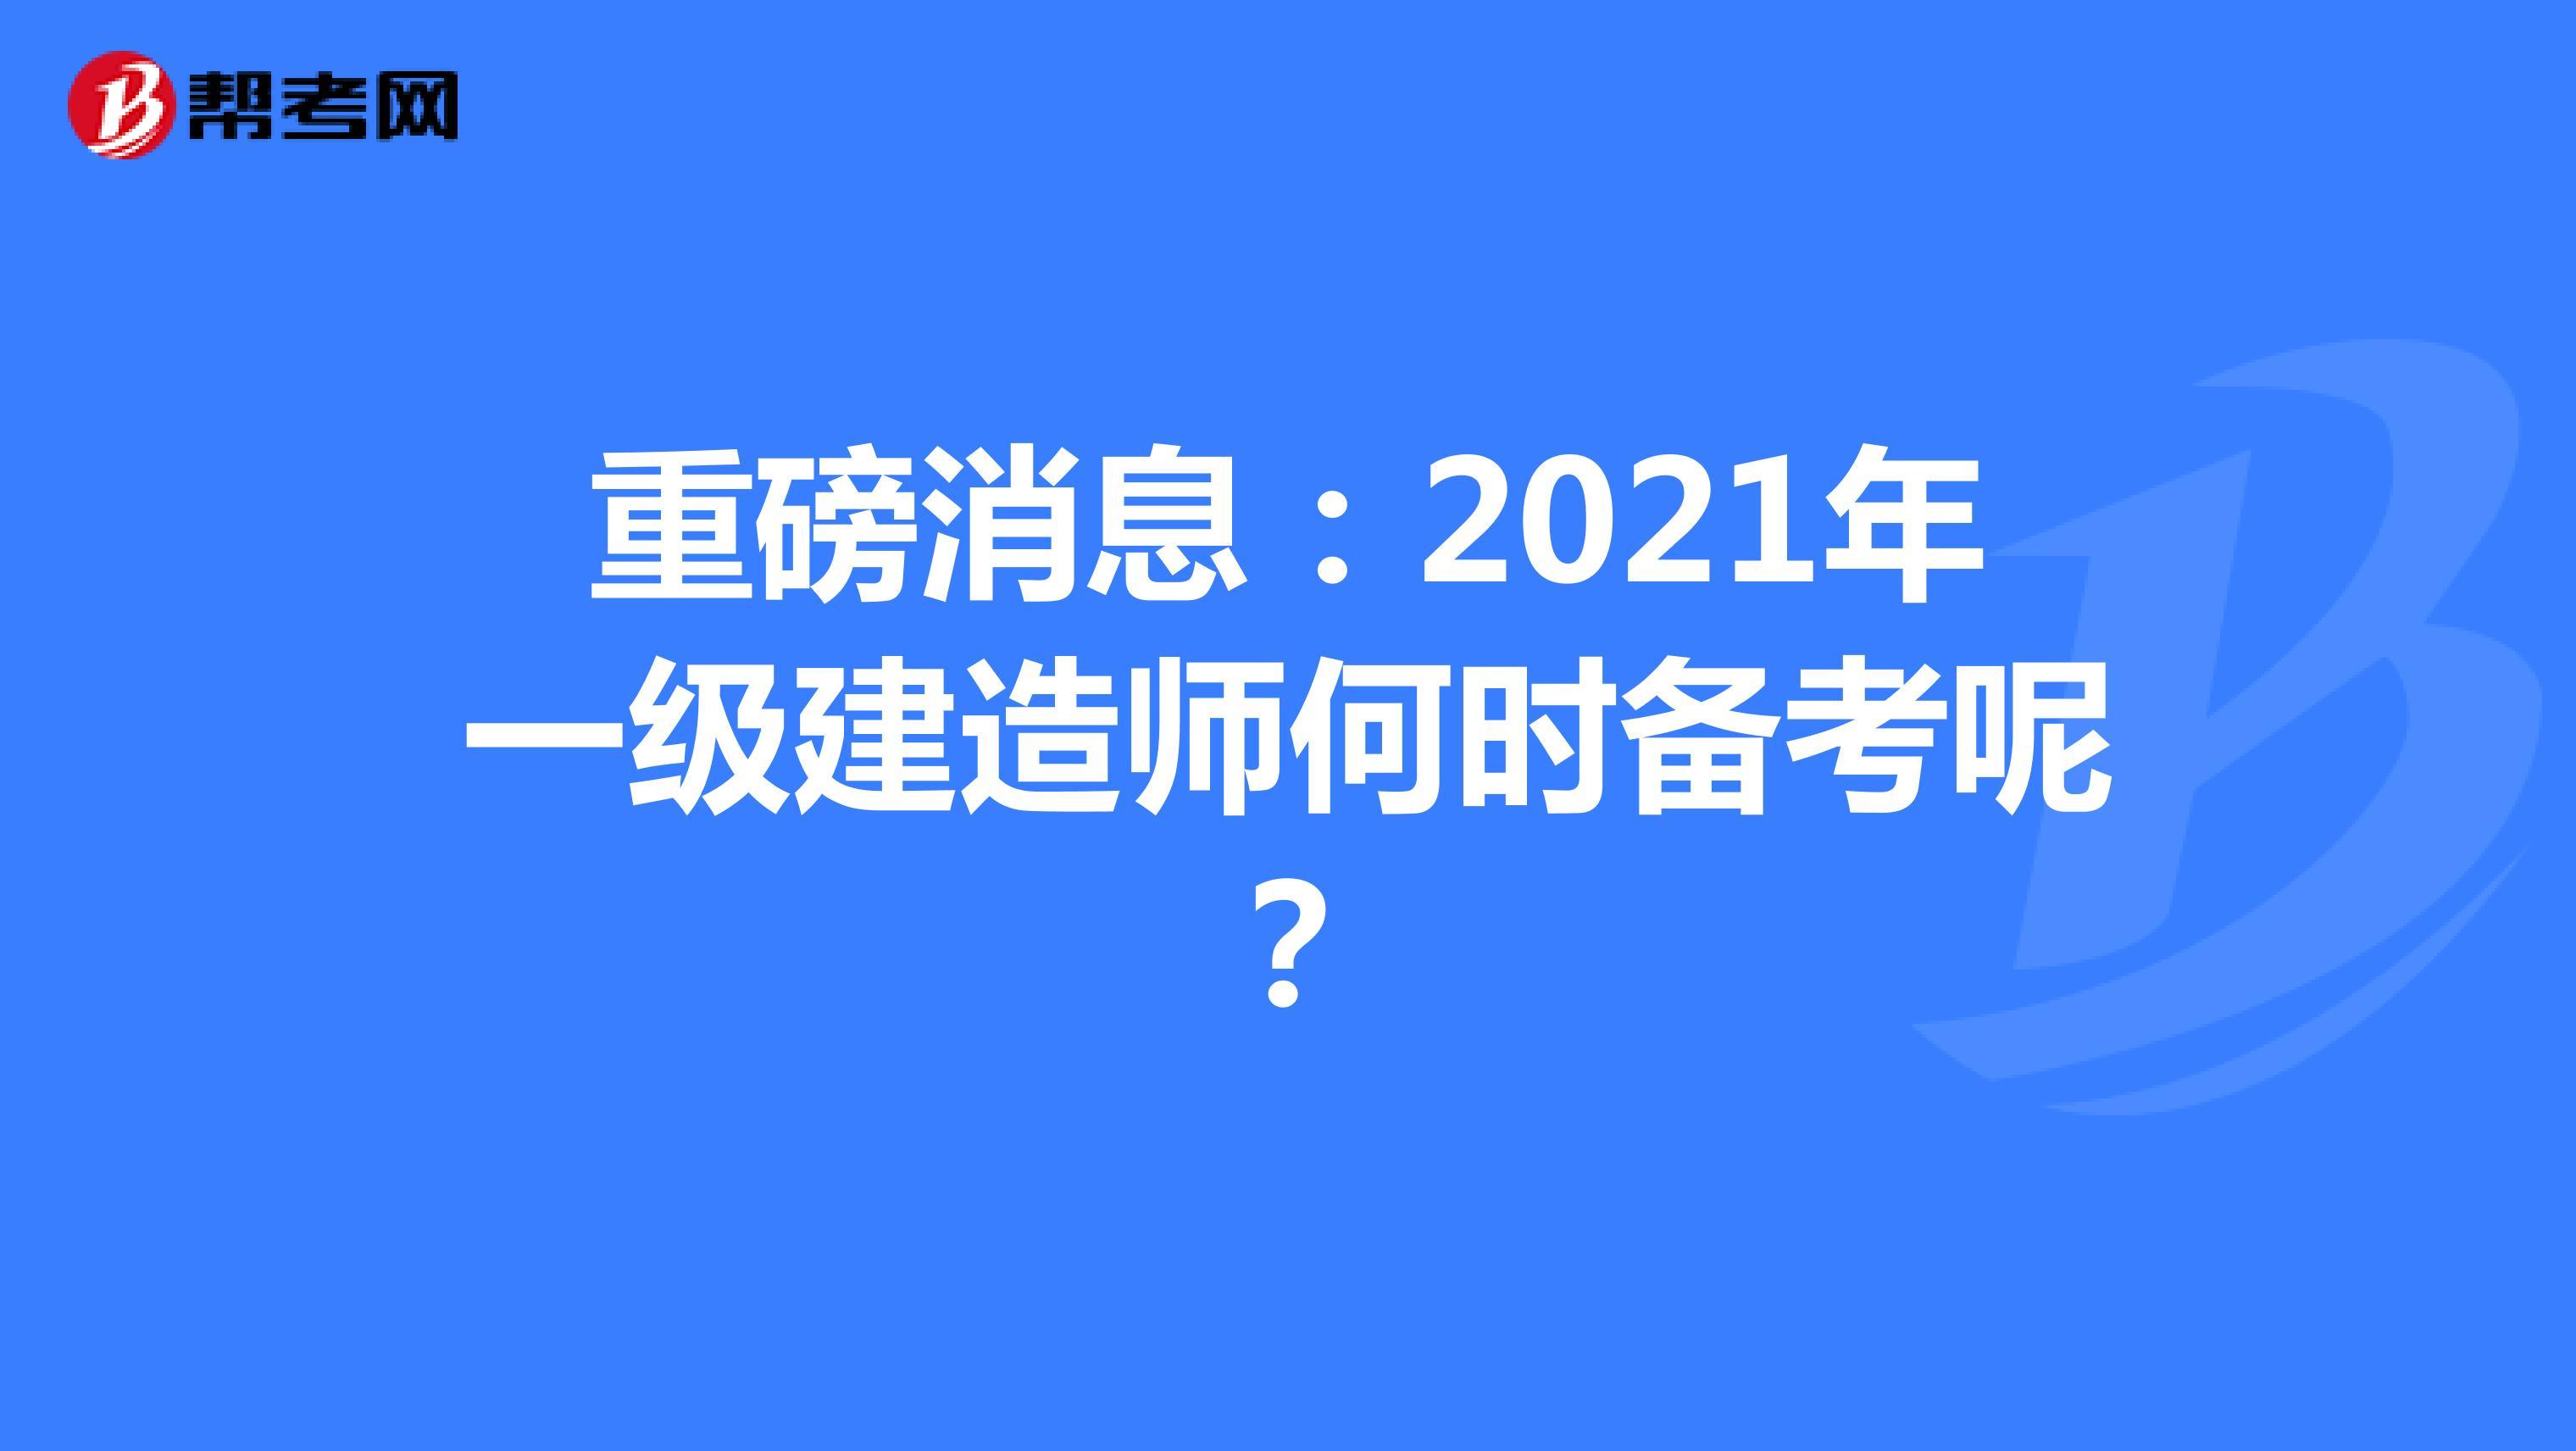 重磅消息:2021年一级建造师何时备考呢?